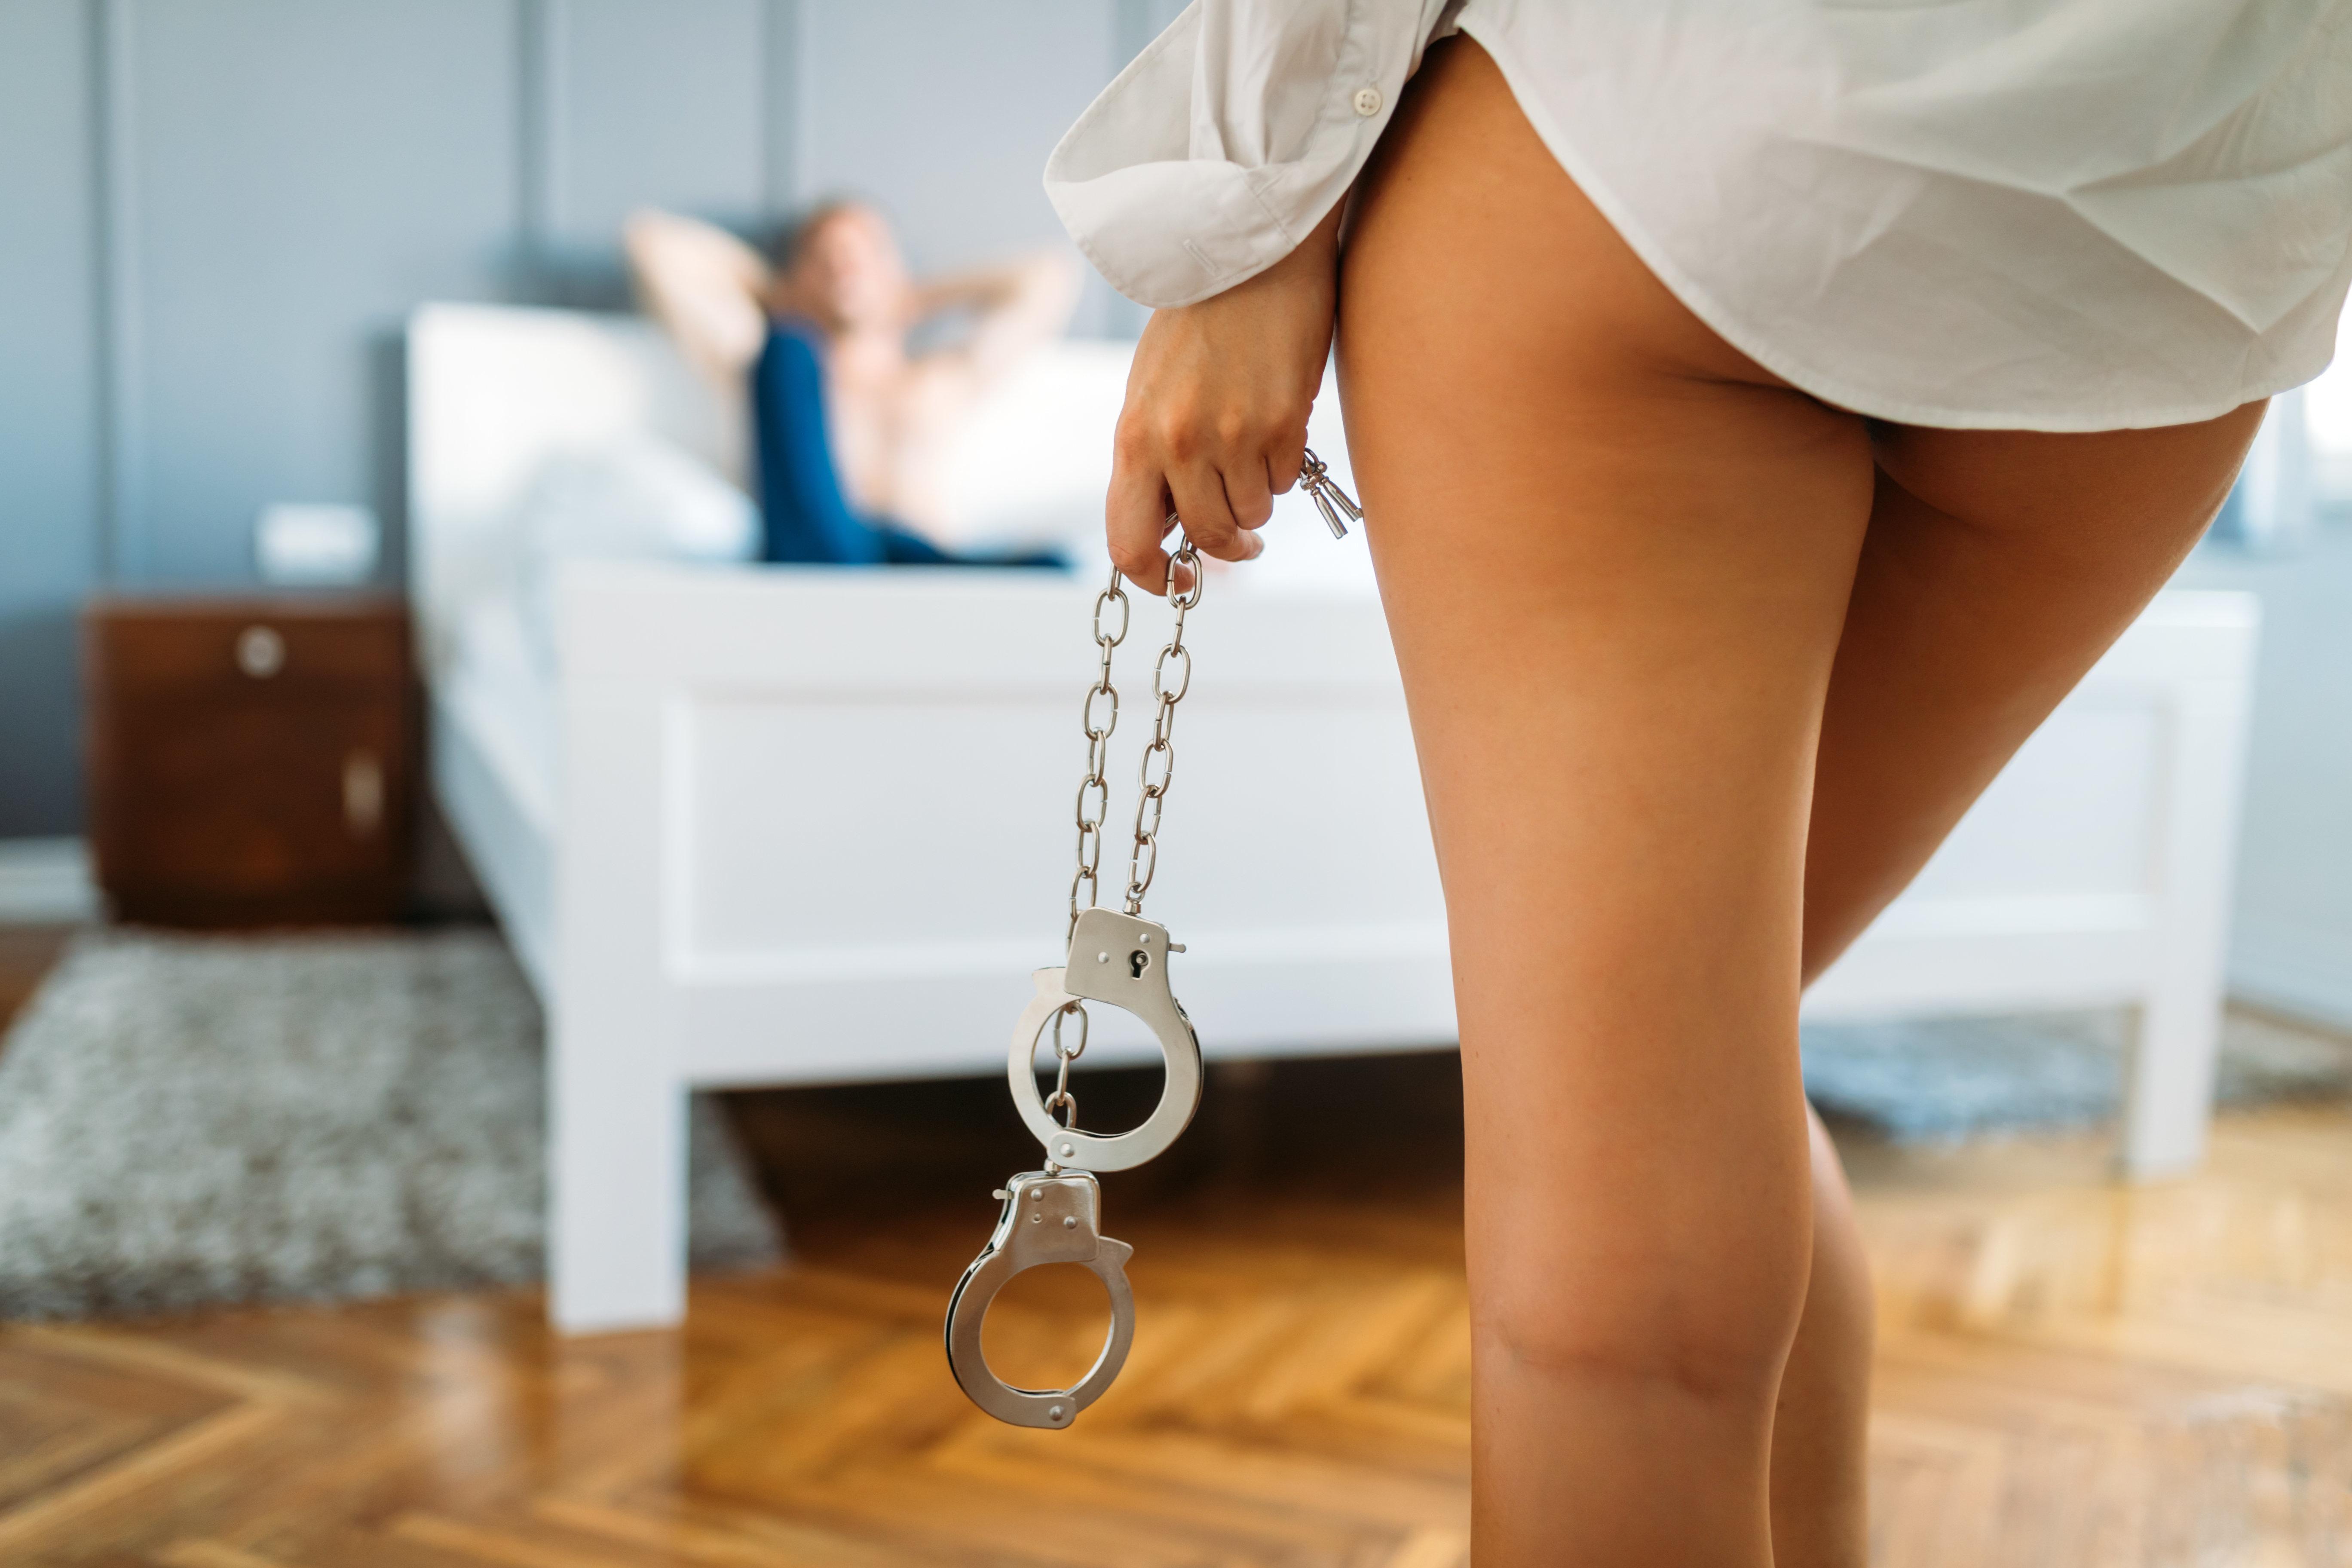 Αυτές είναι οι 6 πιο κοινές σεξουαλικές φαντασιώσεις σύμφωνα με τους